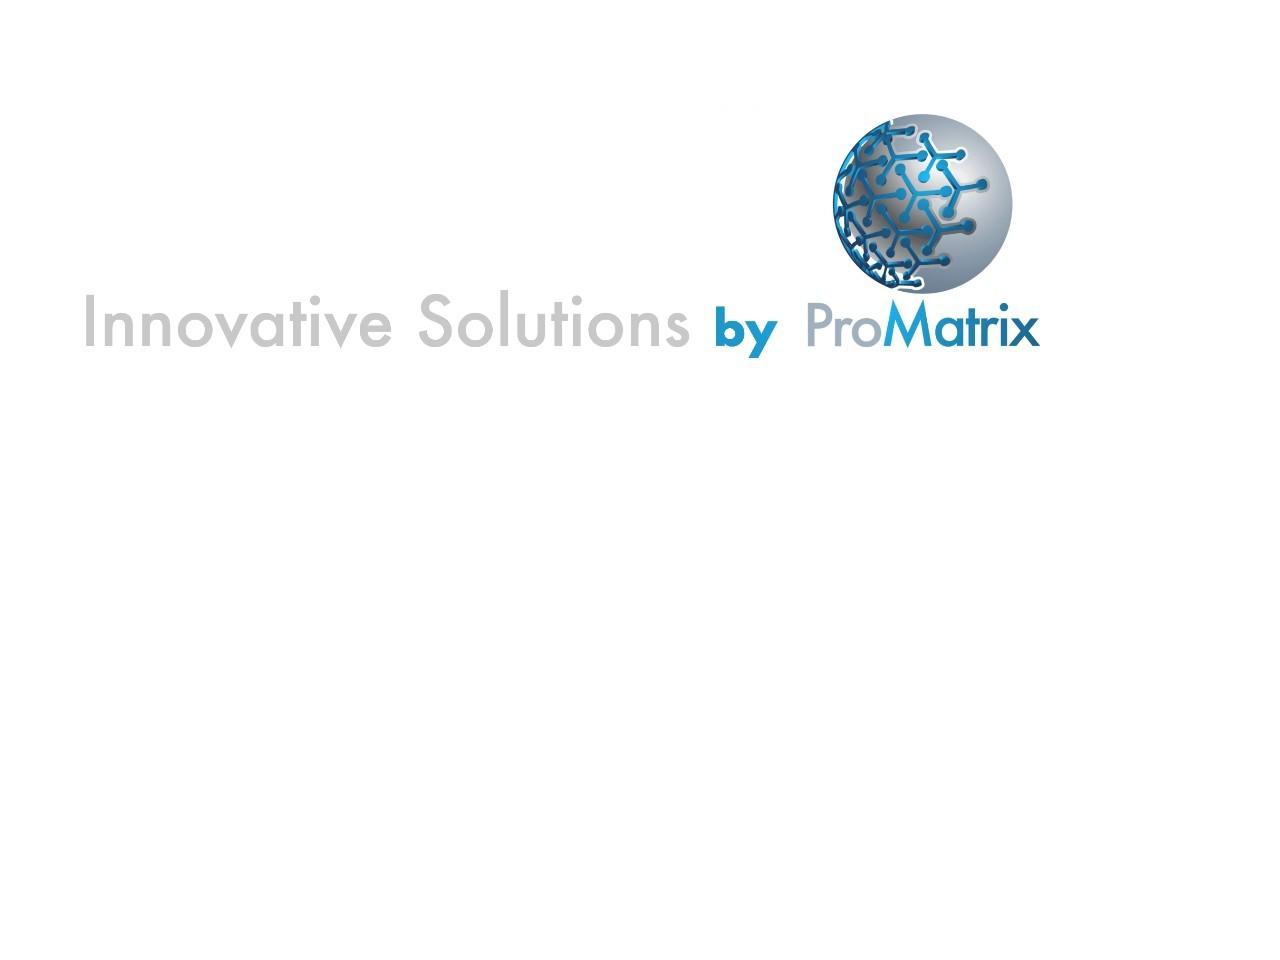 ProMatrix